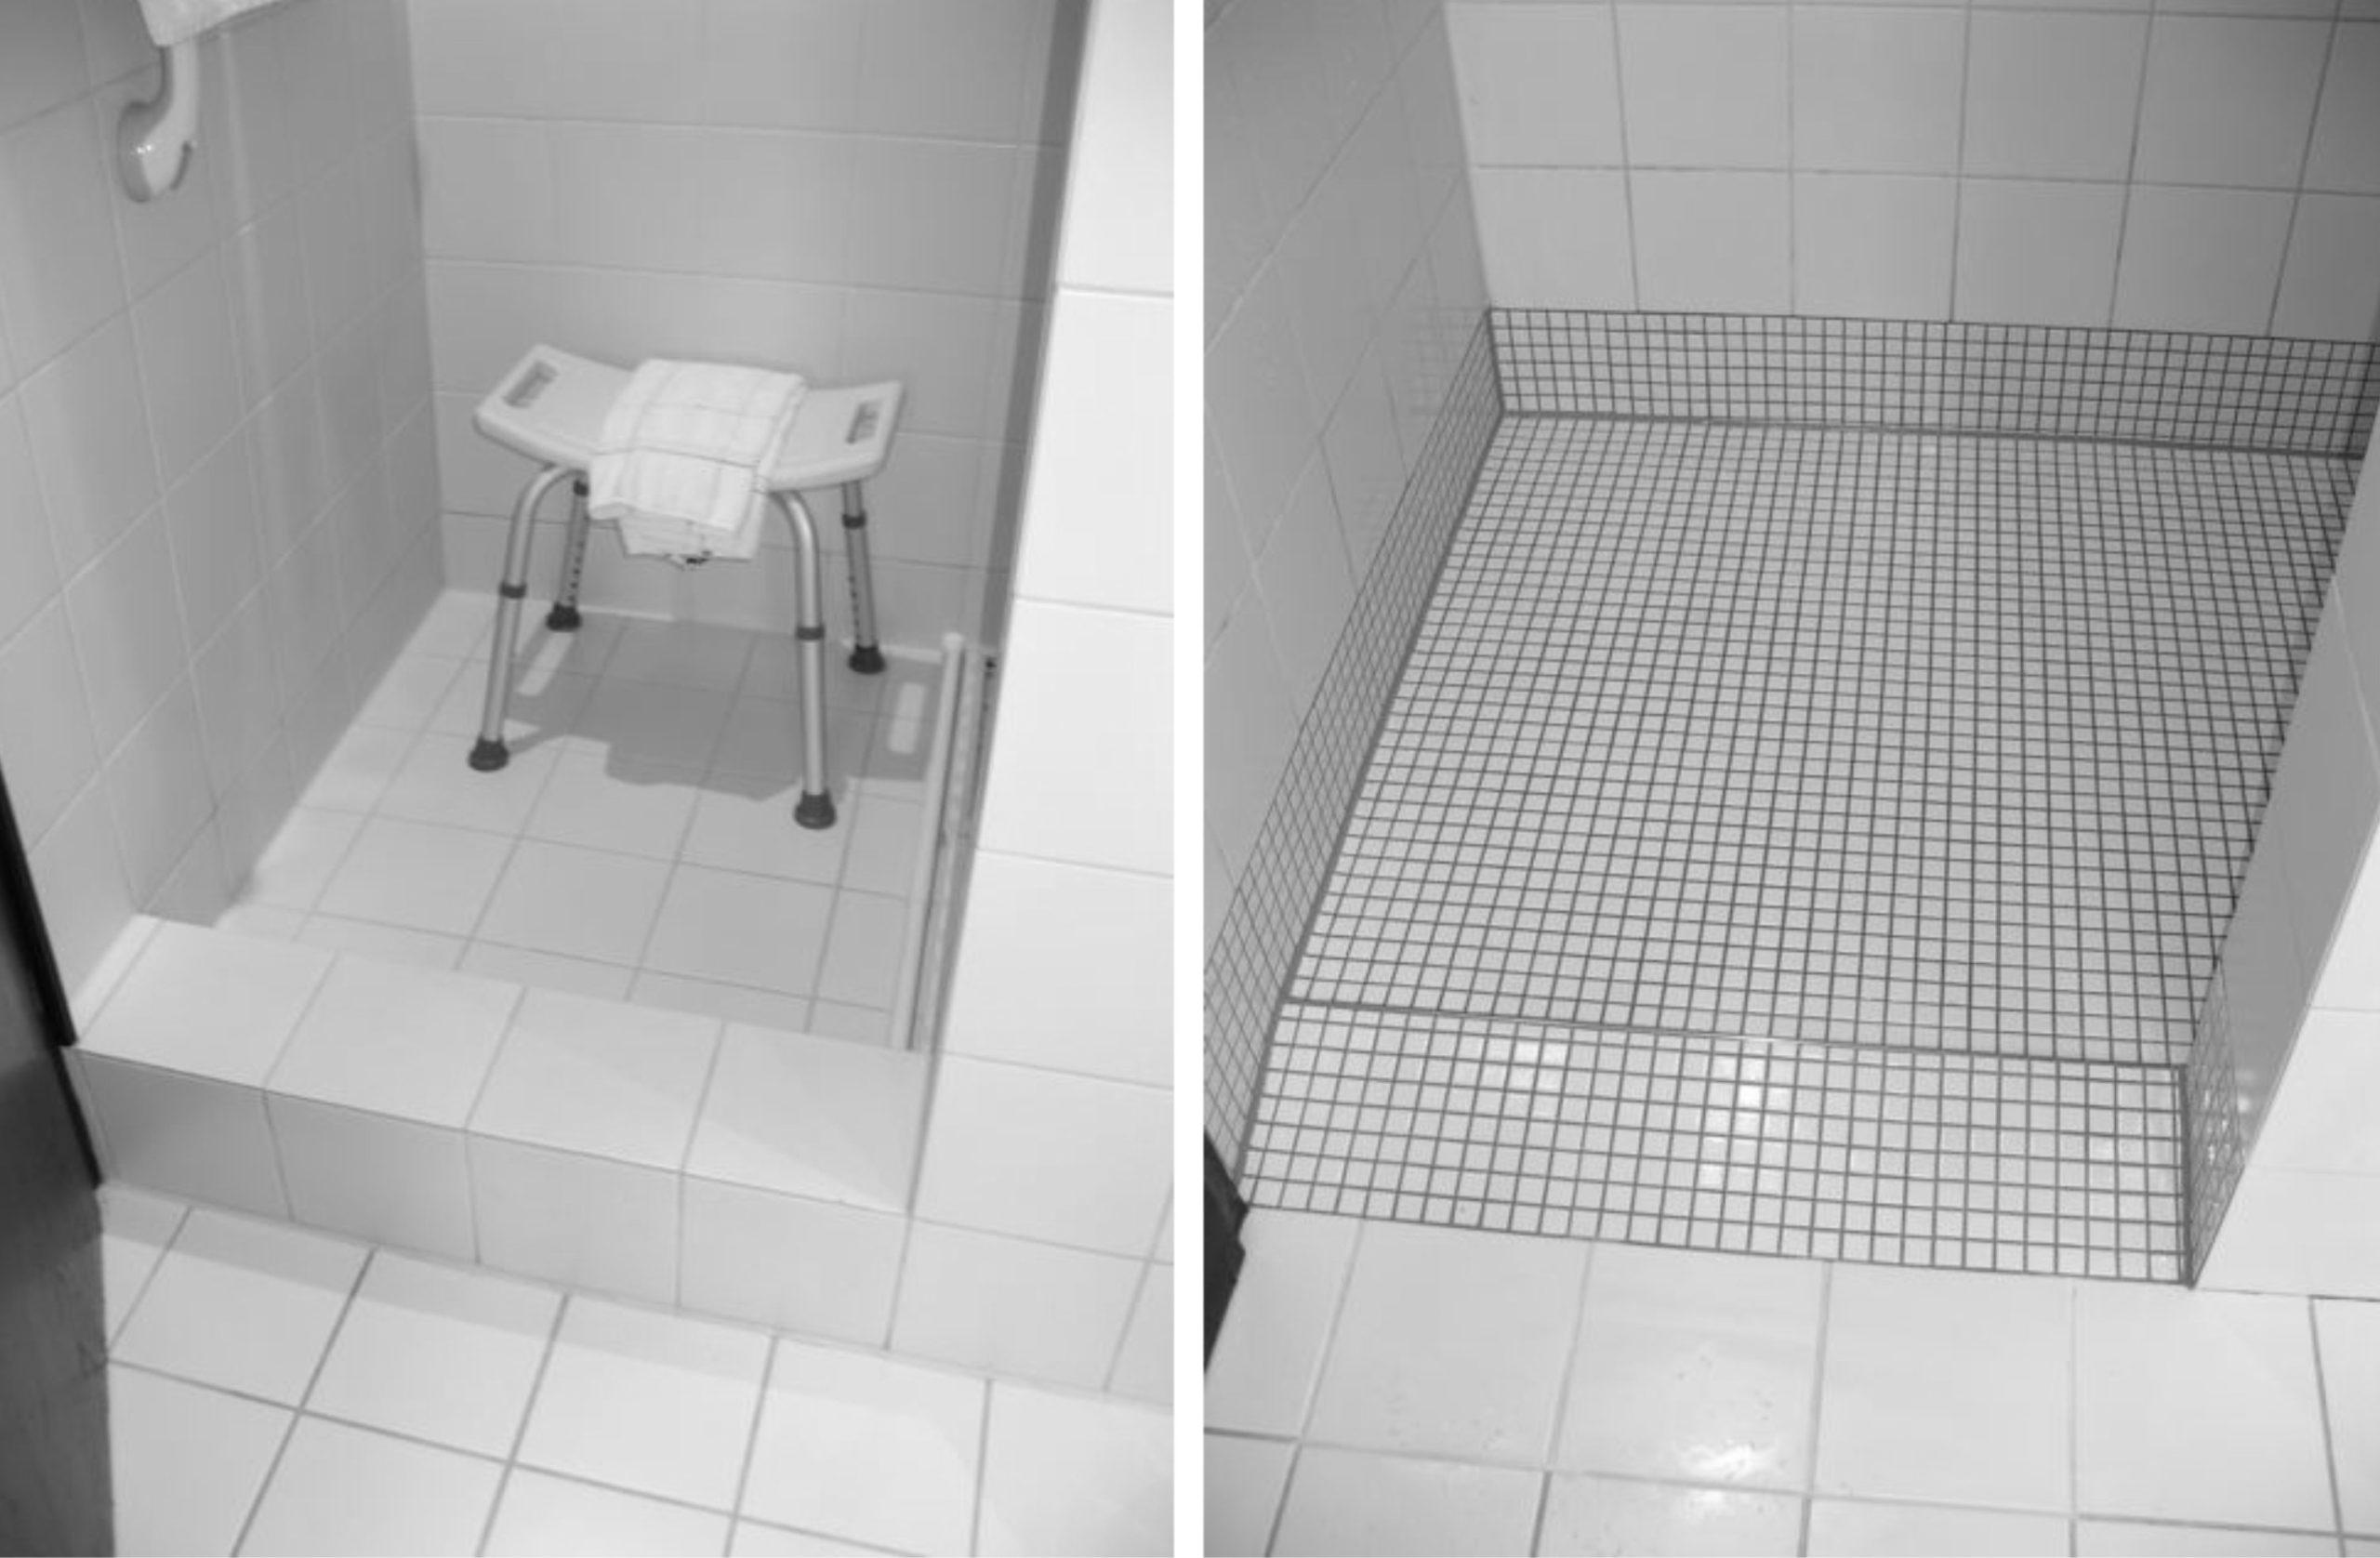 Full Size of Behindertengerechte Dusche Altengerecht Behindertengerecht Maeek Bauunternehmen Fliesen Für Glastrennwand Einhebelmischer Walk In Begehbare Duschen Haltegriff Dusche Behindertengerechte Dusche